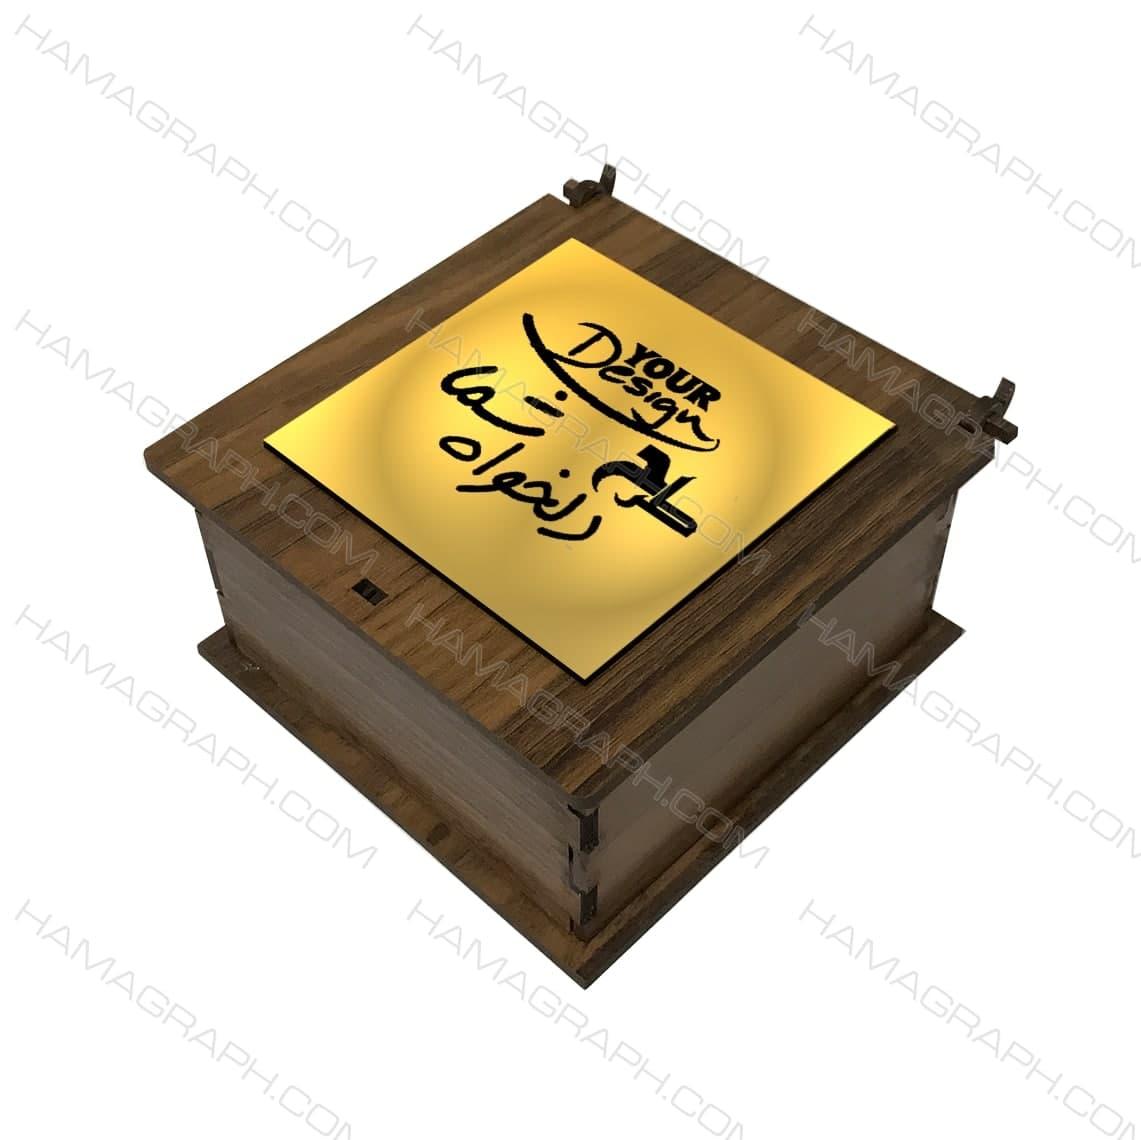 باکس هدیه با طرح و نوشته دلخواه